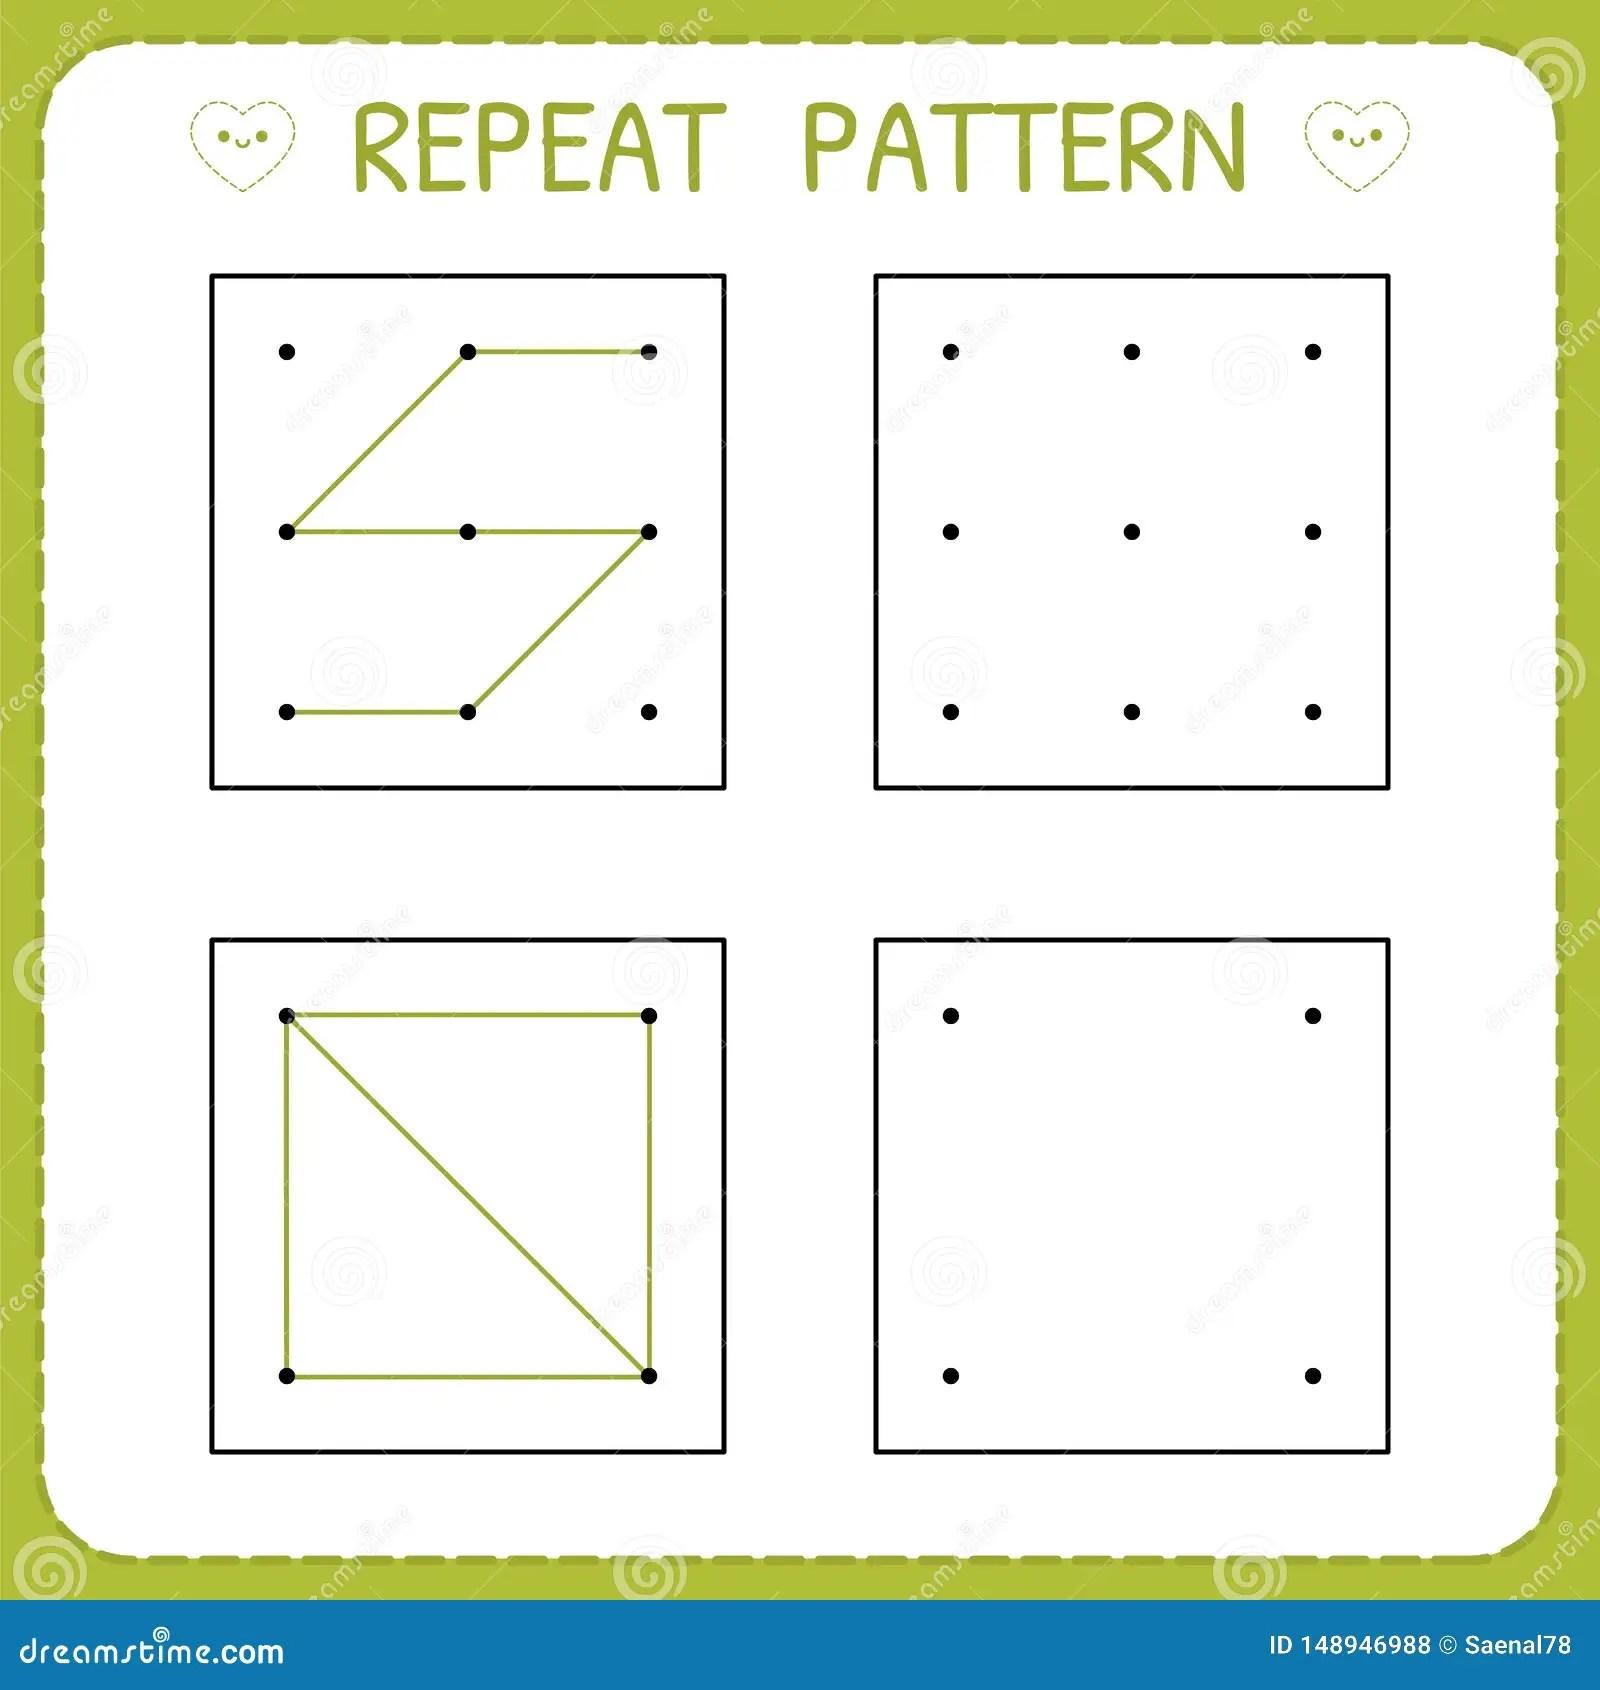 Repeat Pattern Preschool Worksheet For Practicing Motor